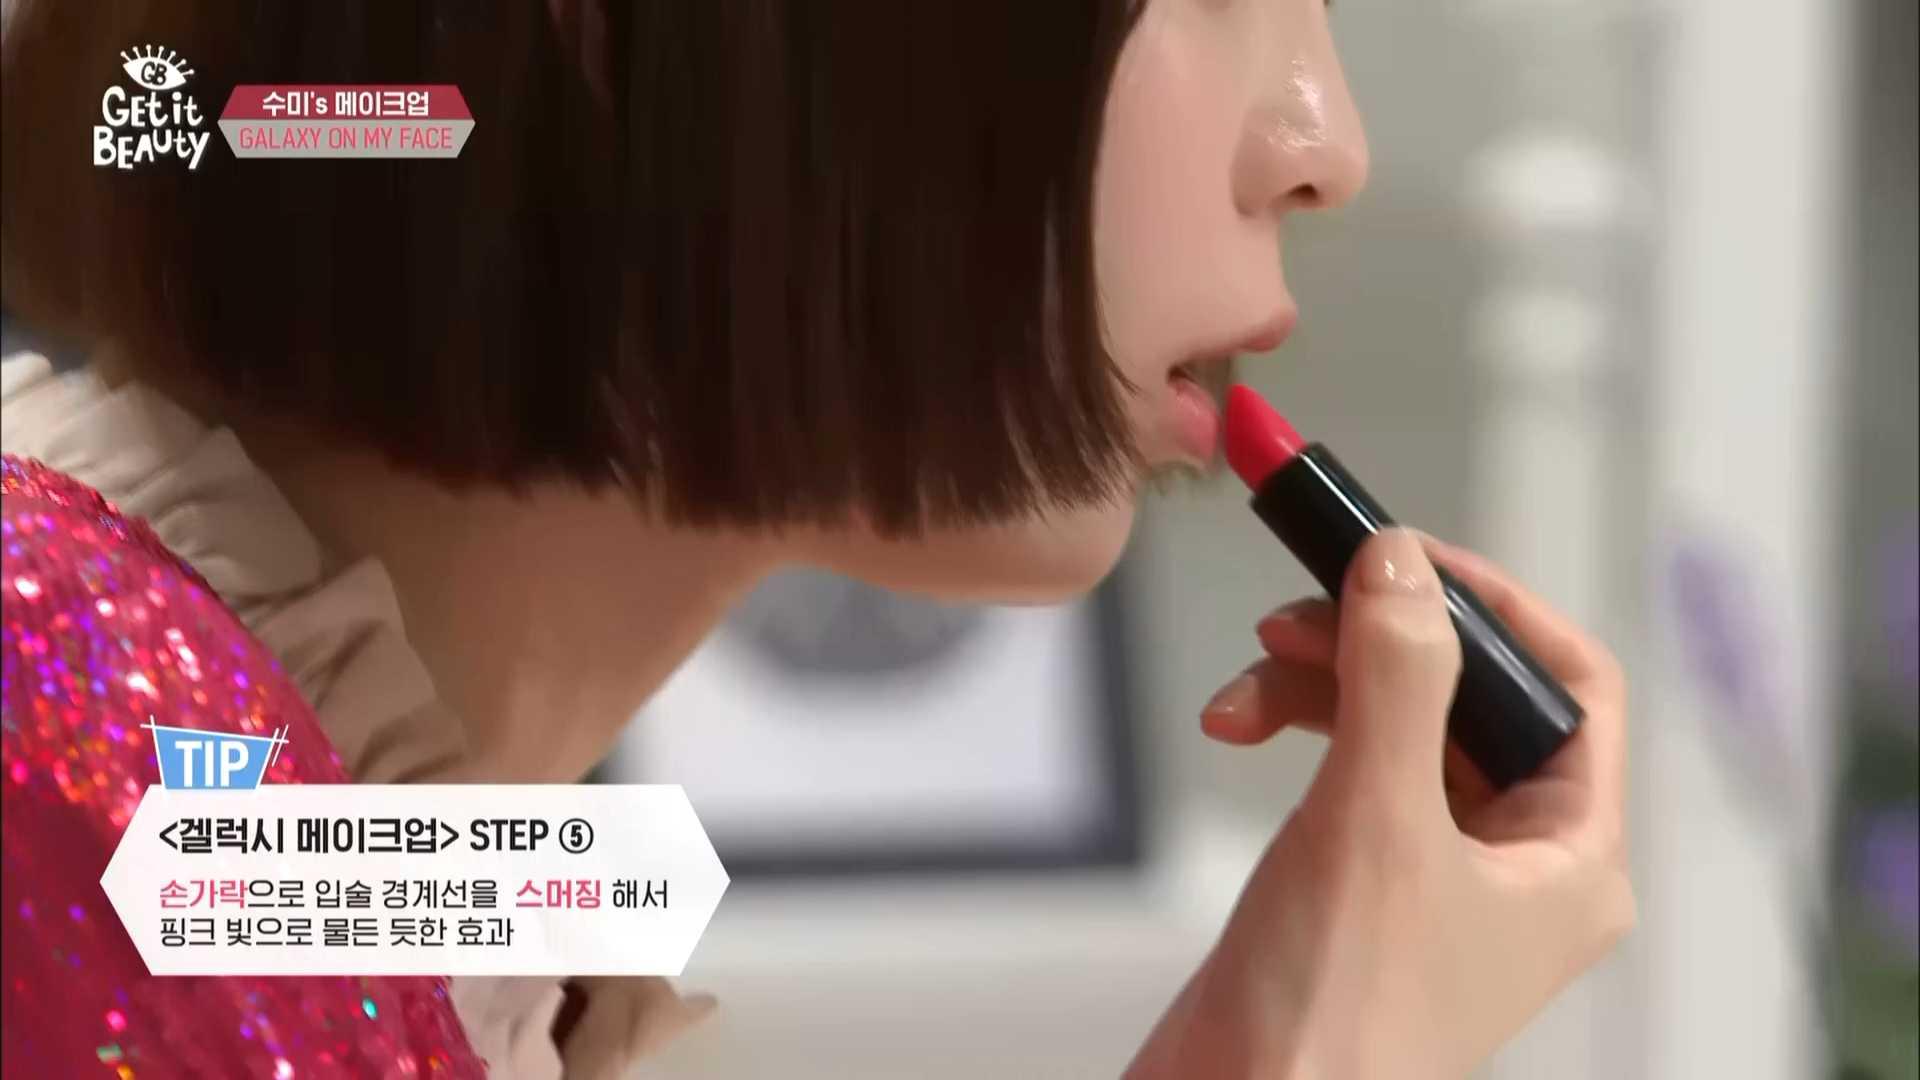 같은 립스틱을 발라주고 입술 경계선을 손가락으로 스머징! 라인을 오버하게 스머징하면 더 섹시해 보인다네요~